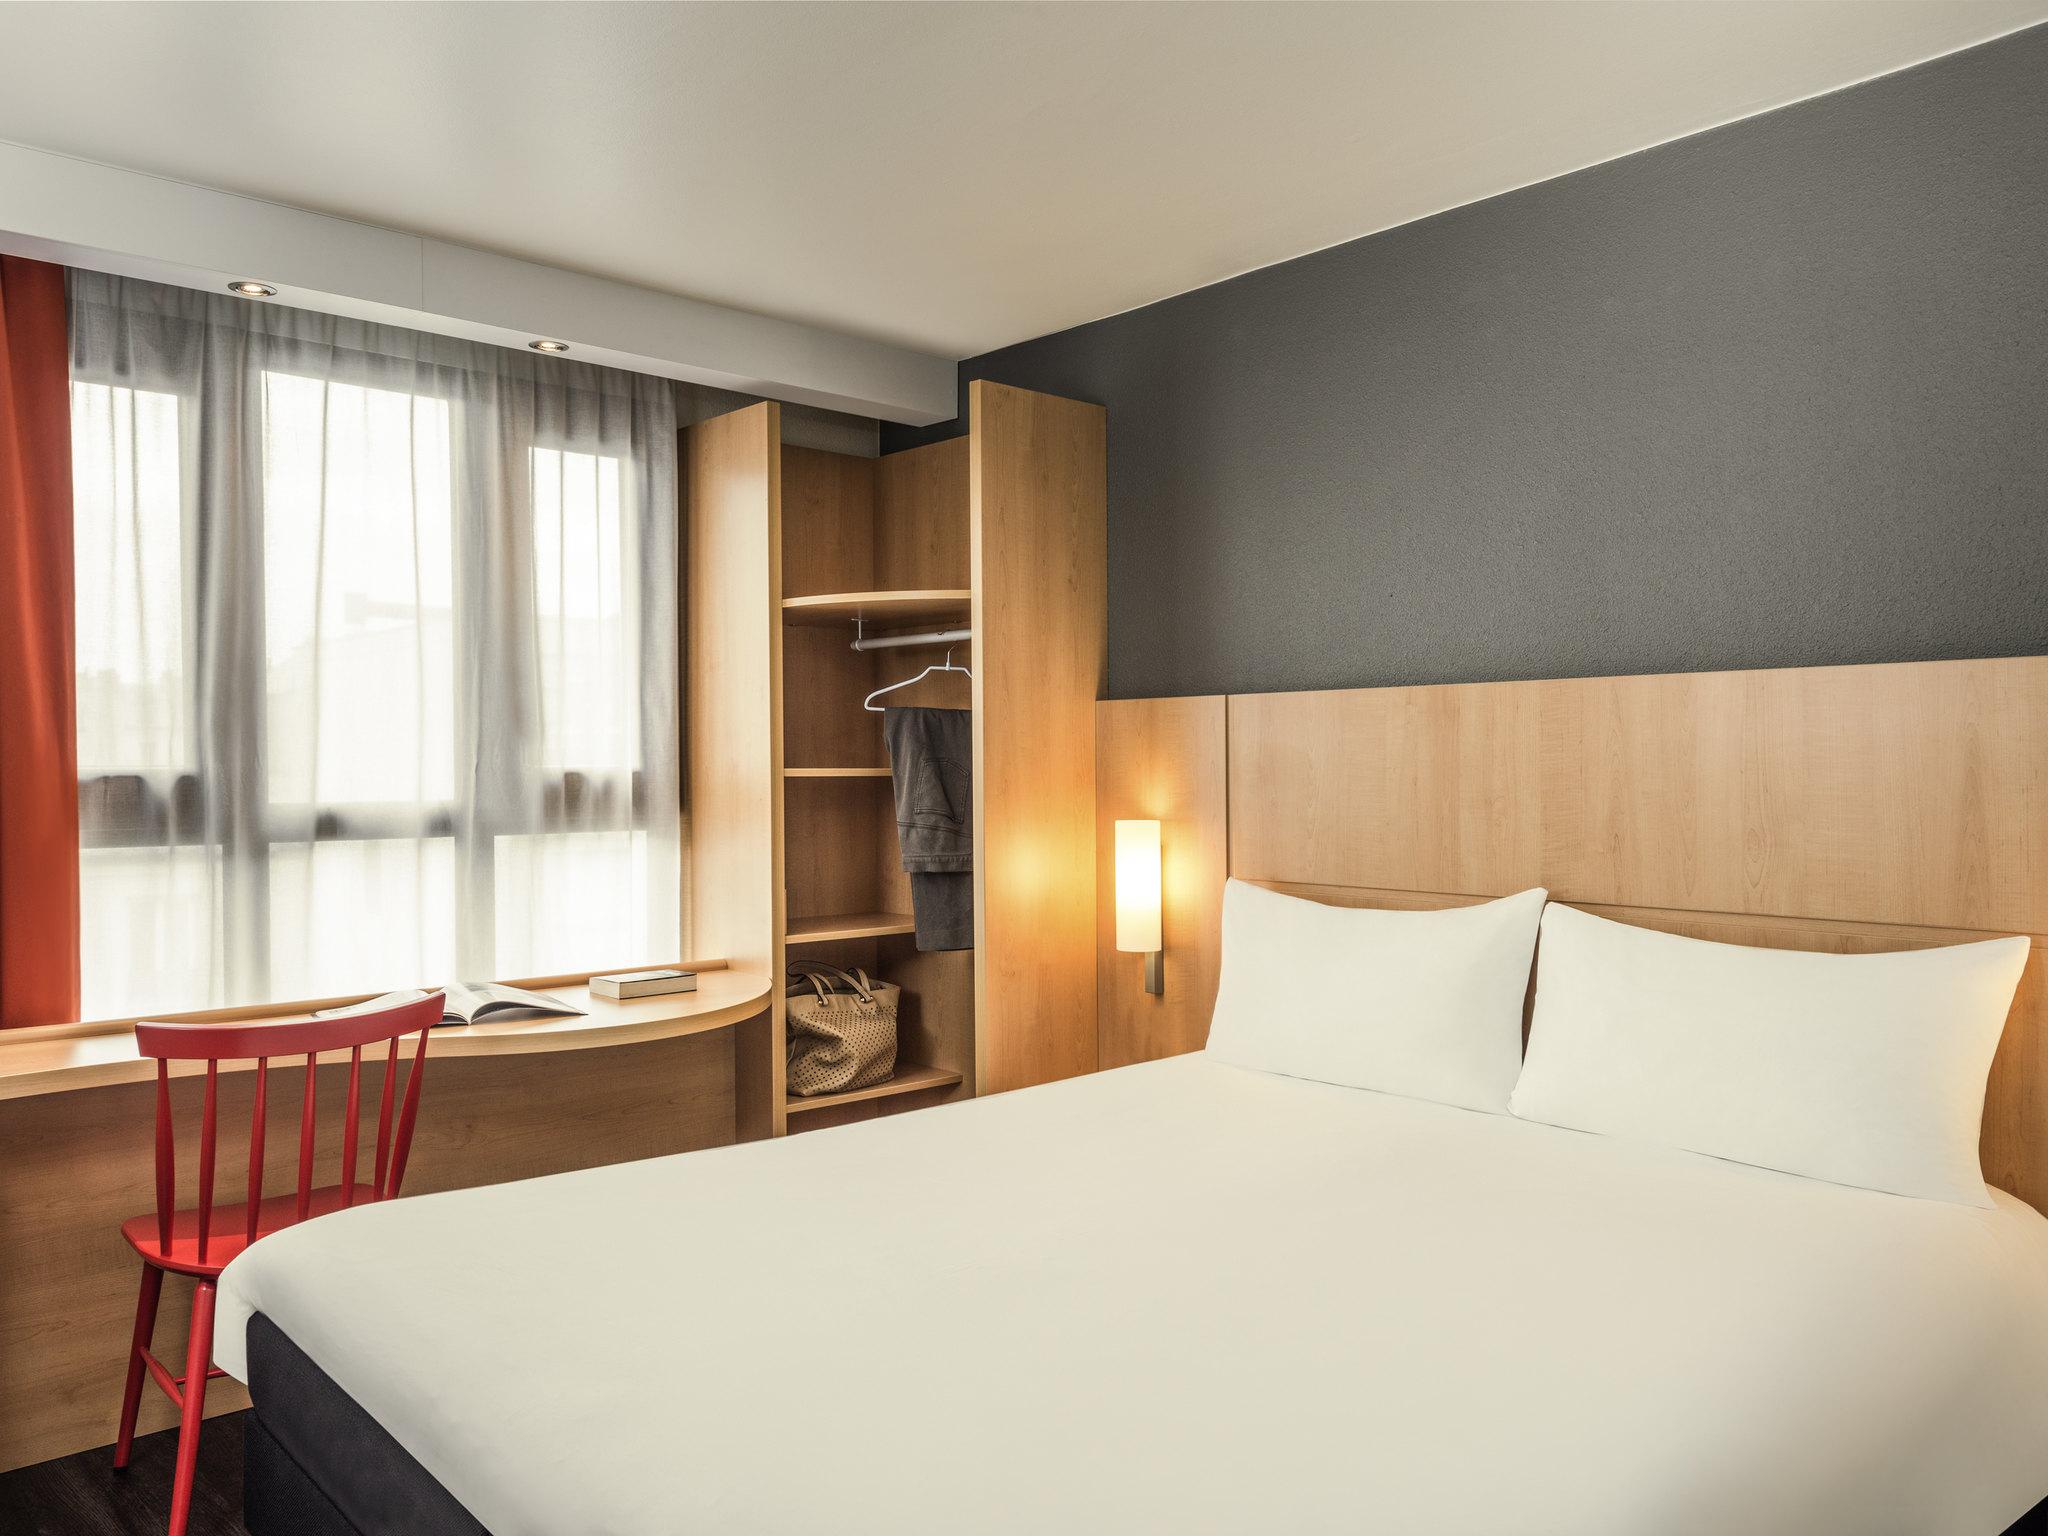 Hotel in paris ibis paris bastille faubourg saint for Bastille hotel